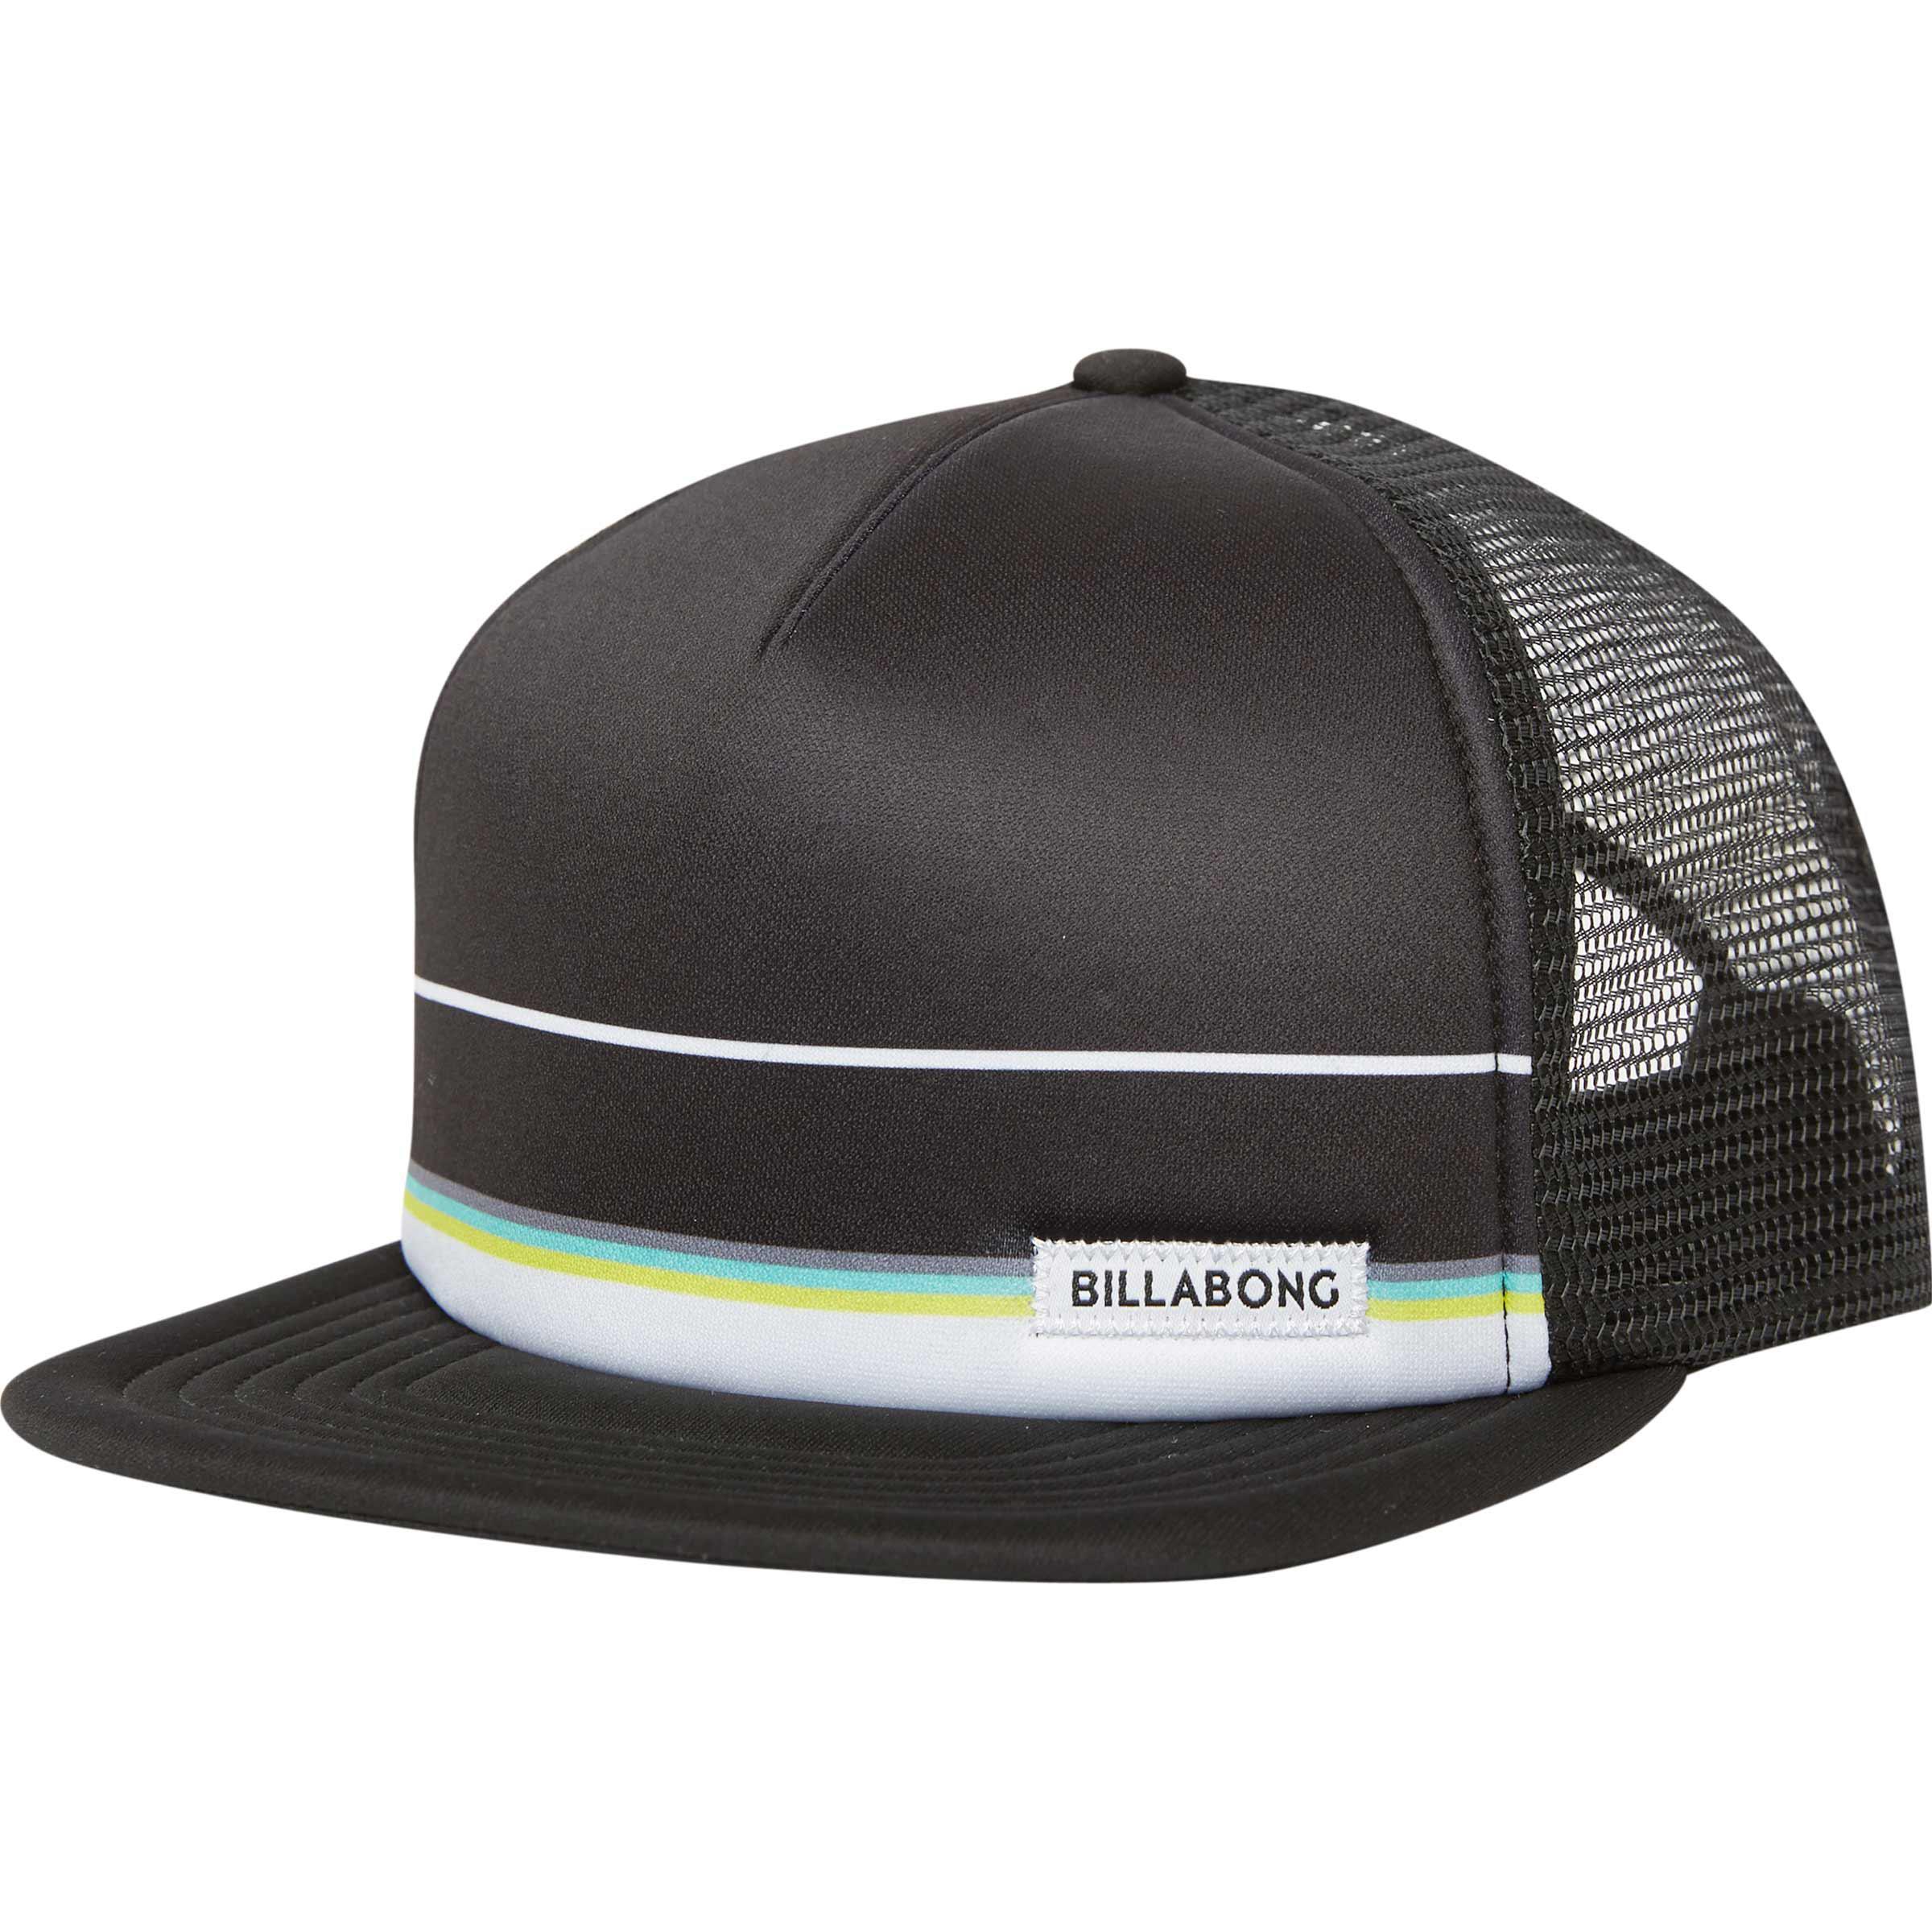 9e776b8193c Lyst - Billabong Spinner Trucker Hat in Black for Men